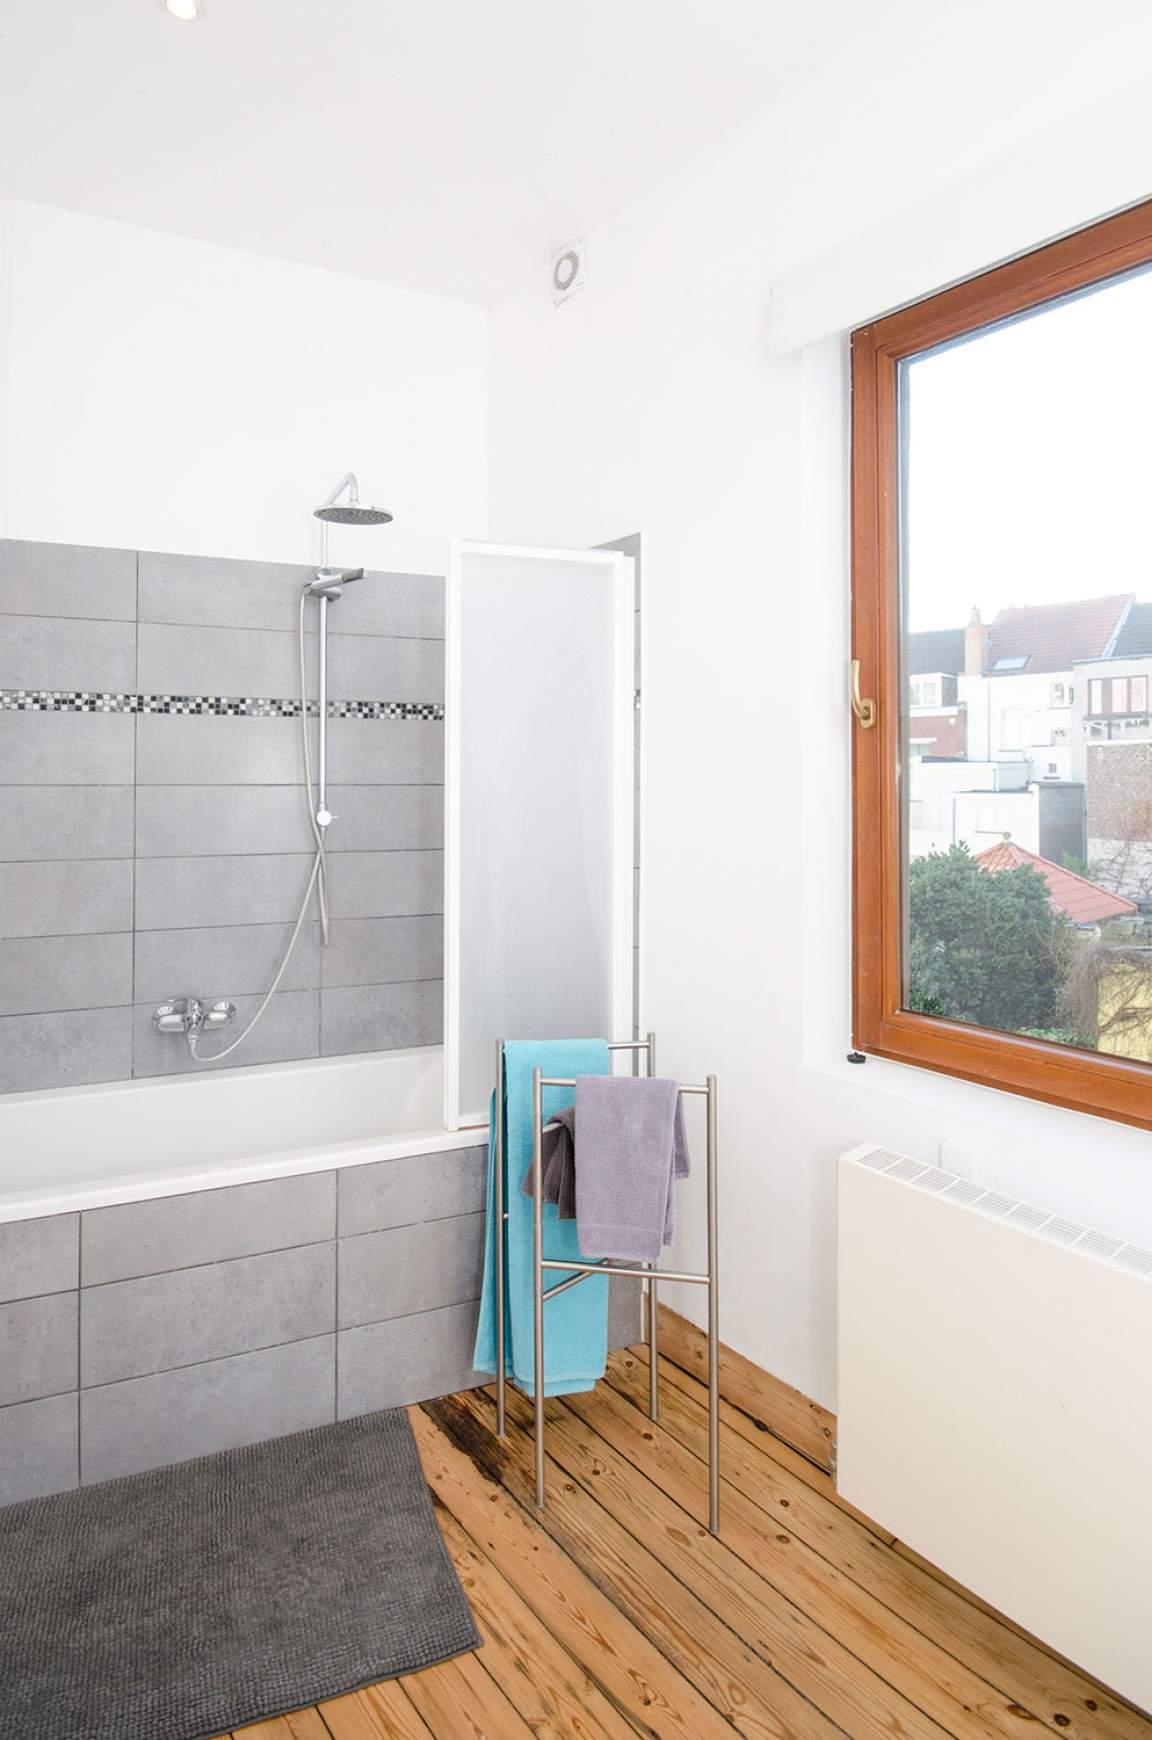 Bathroom rooms 4 - 5 - 6